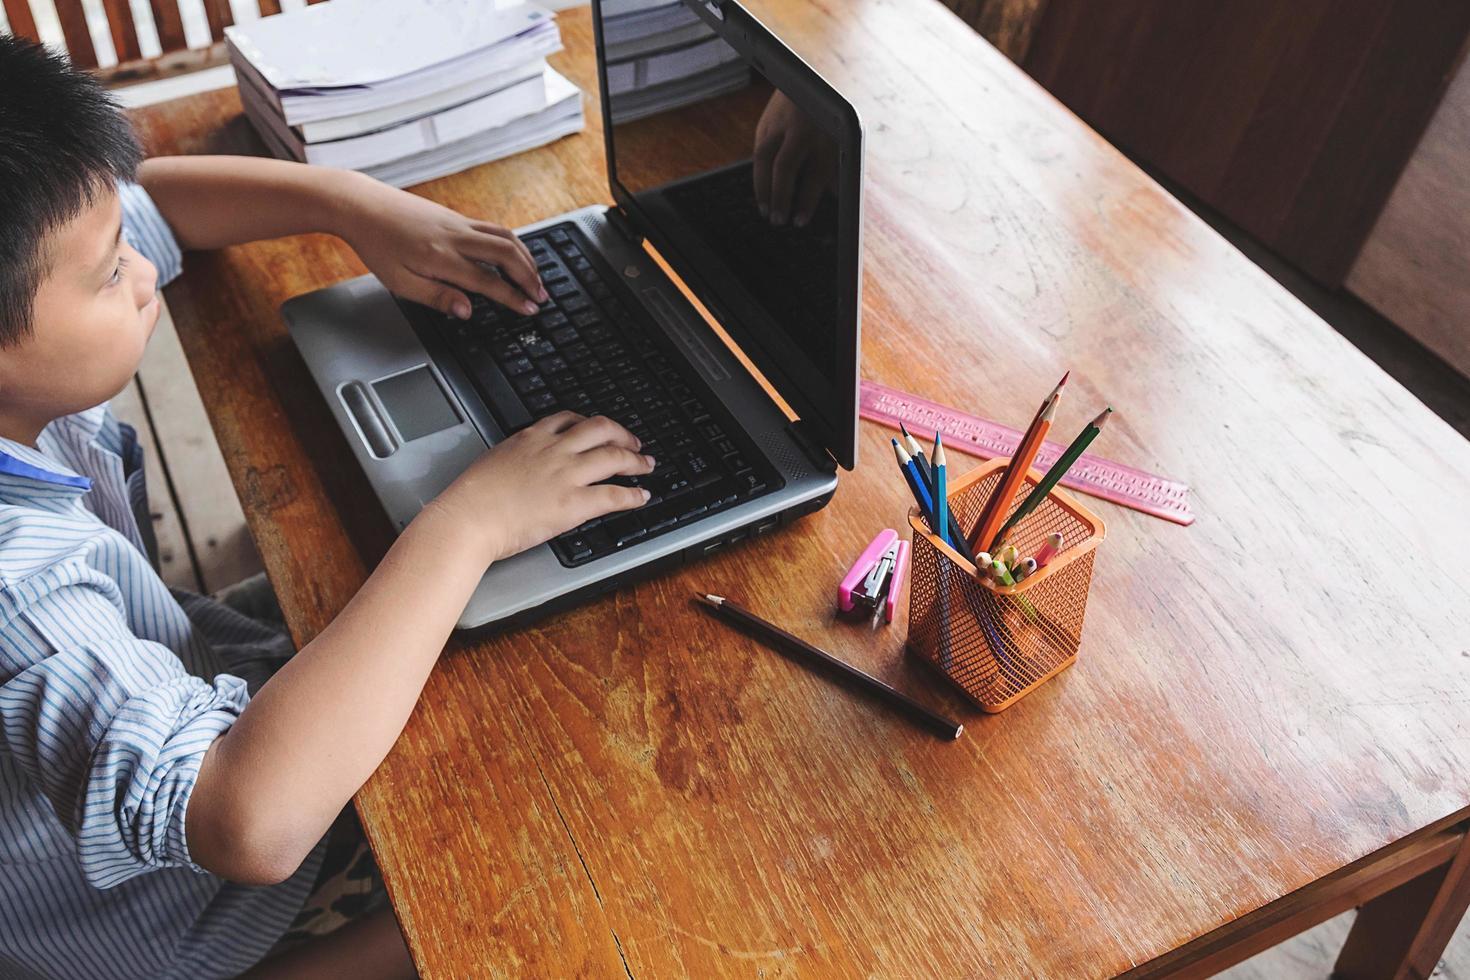 Junge arbeitet an einem Laptop neben Tasse Bleistifte auf einem Holzschreibtisch foto